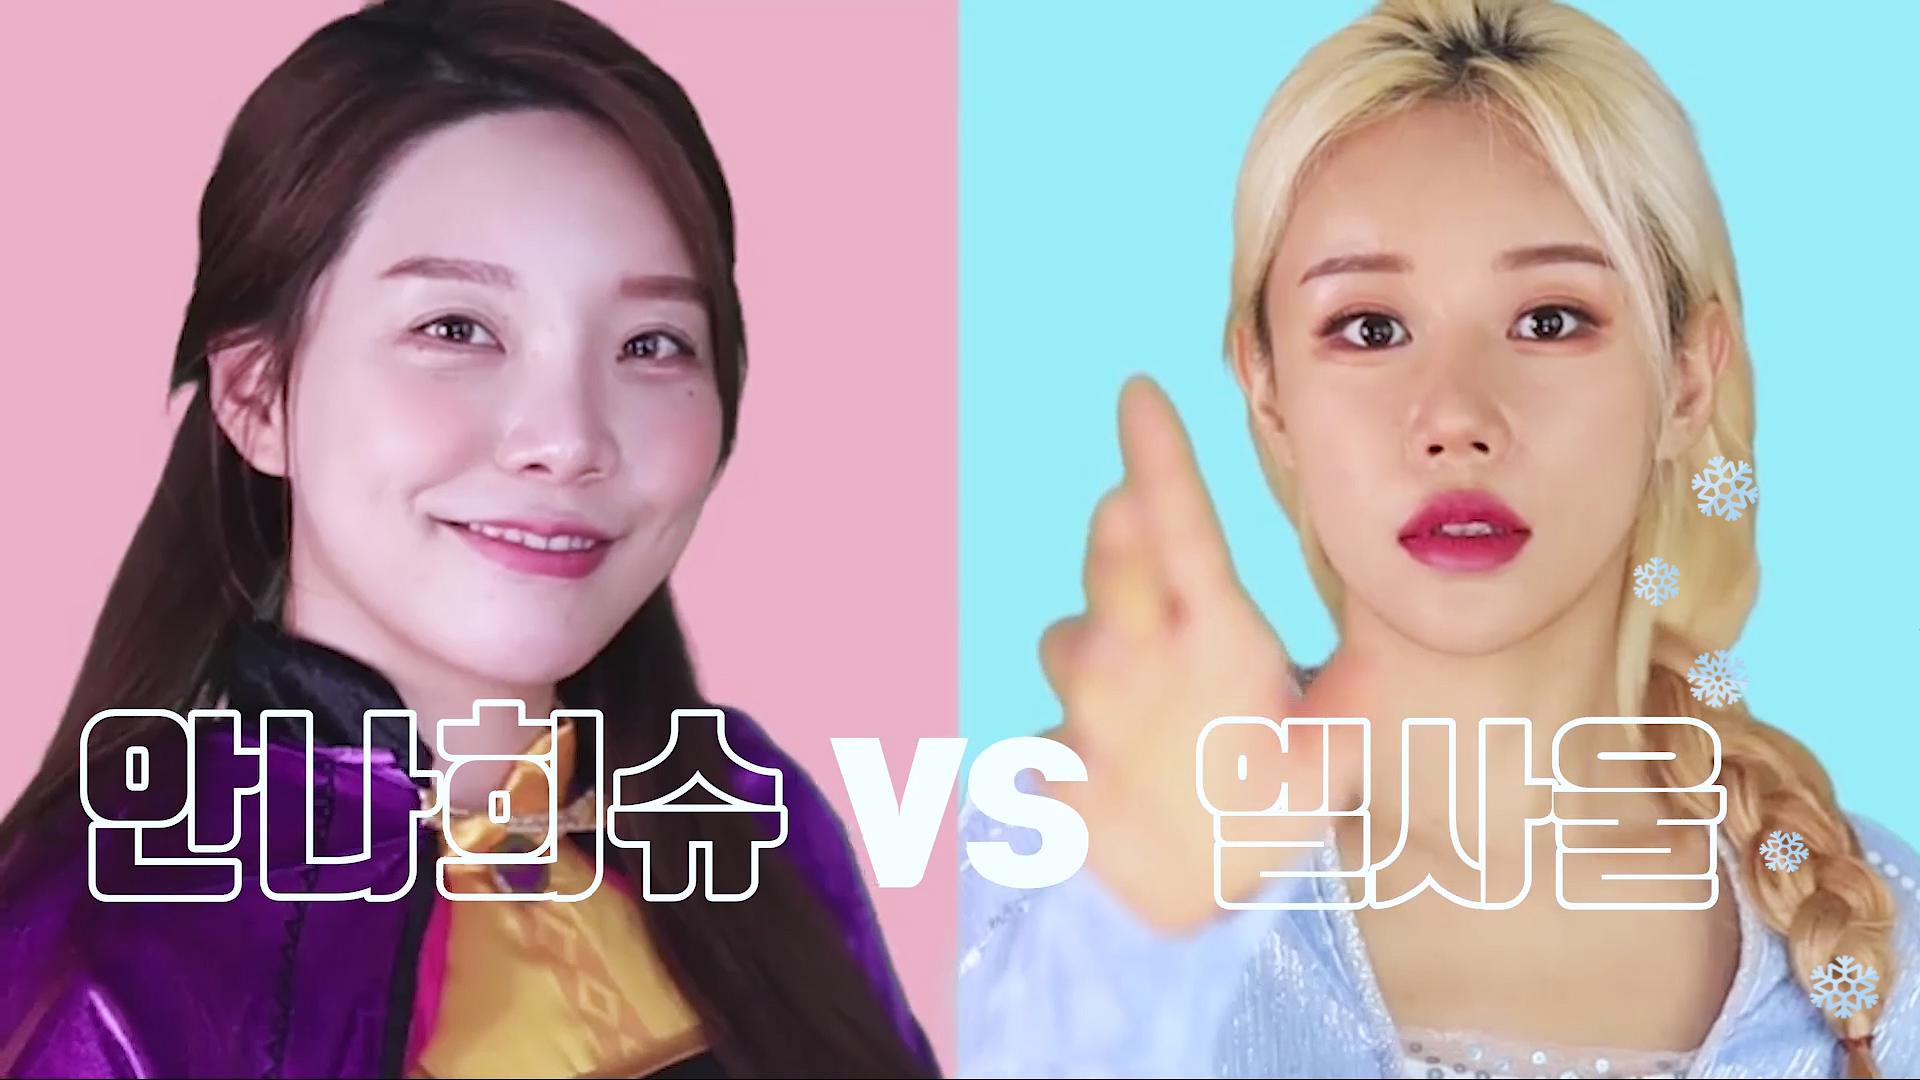 ❄️ 꾸꾸 엘사 VS 꾸안꾸 안나 ❄️겨울왕국2 셀프 헤어스타일 ( 땋기, 반묶음 ) Anna vs Elsa